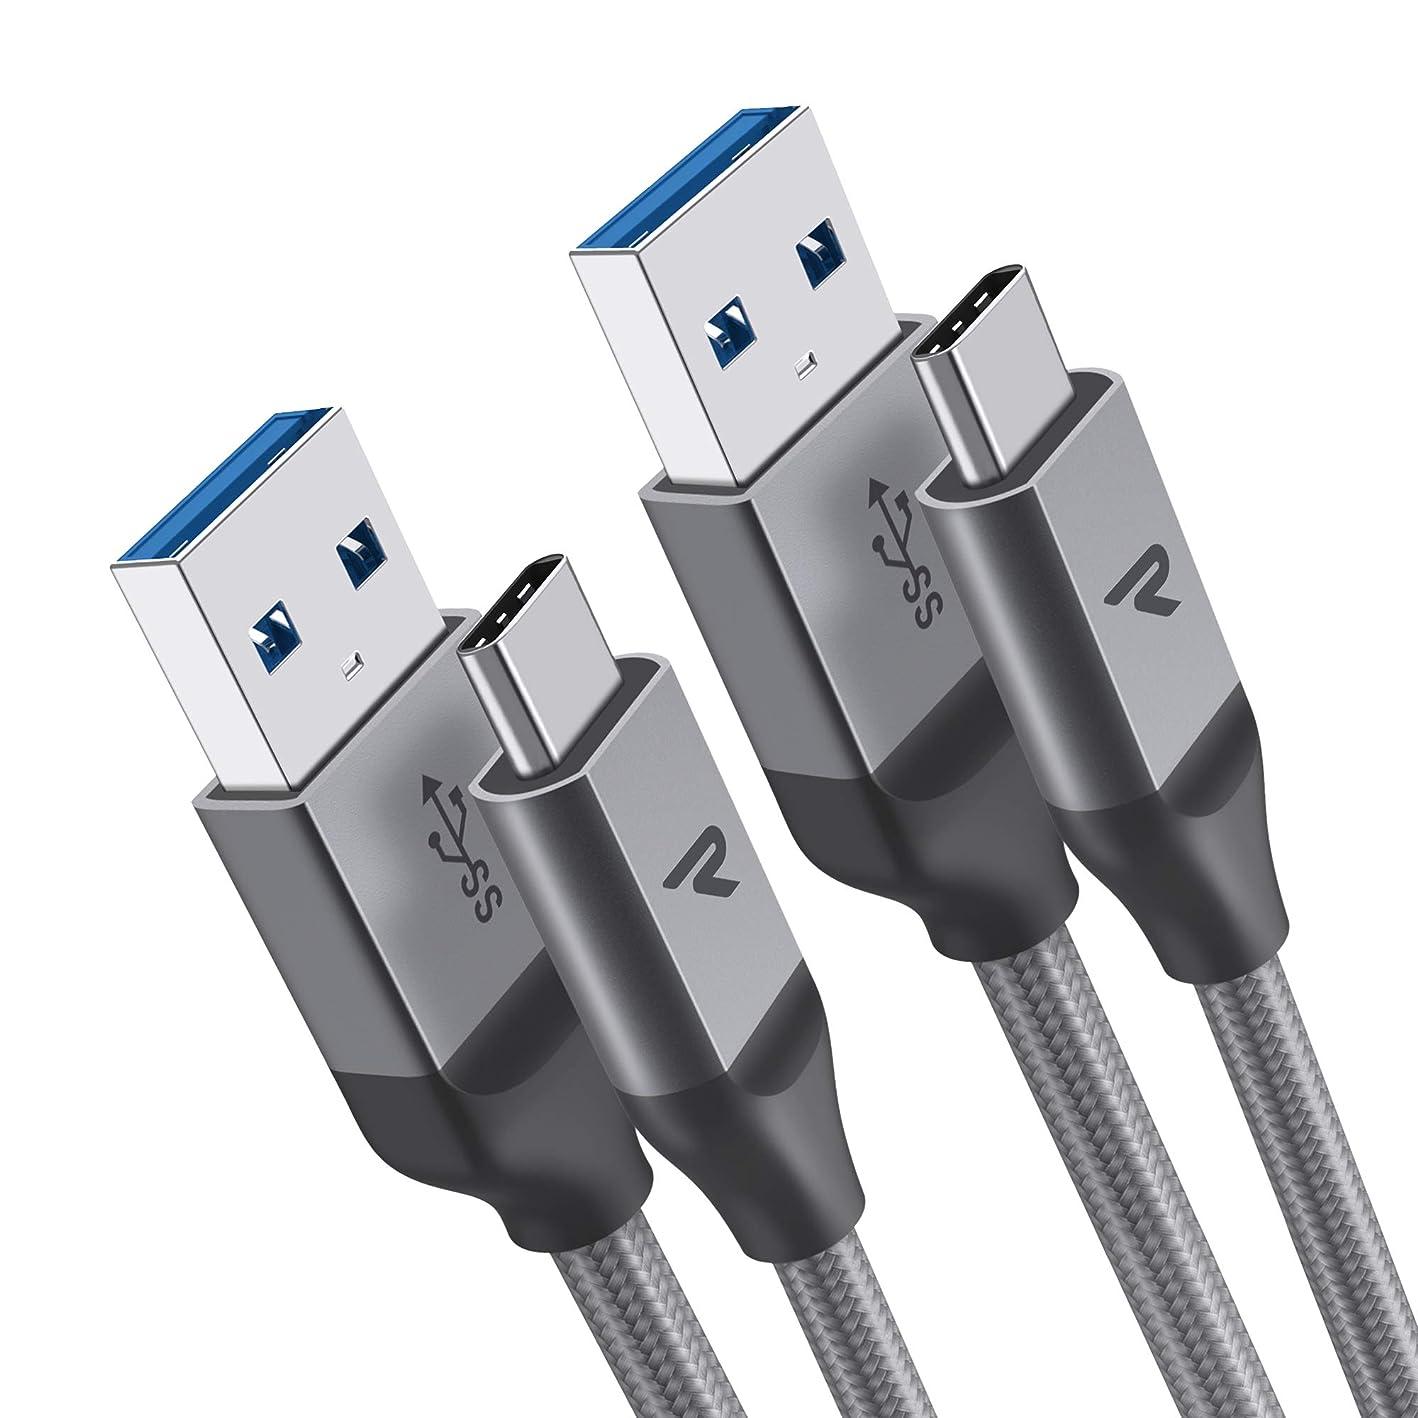 エイリアン評価する嫌いRampow USB Type C ケーブル【2m/二本組/保証付き】USB3.1 タイプc ケーブル QuickCharge3.0対応 Sony Xperia XZ/XZ2, Samsung Galaxy S9/S8/A3/A7/A9/C5/7pro/C9, Macbook Pro, Nexus 5X/6P, GoPro Hero 5/6 アンドロイド多機種対応 3A急速充電 5Gbps高速データ転送